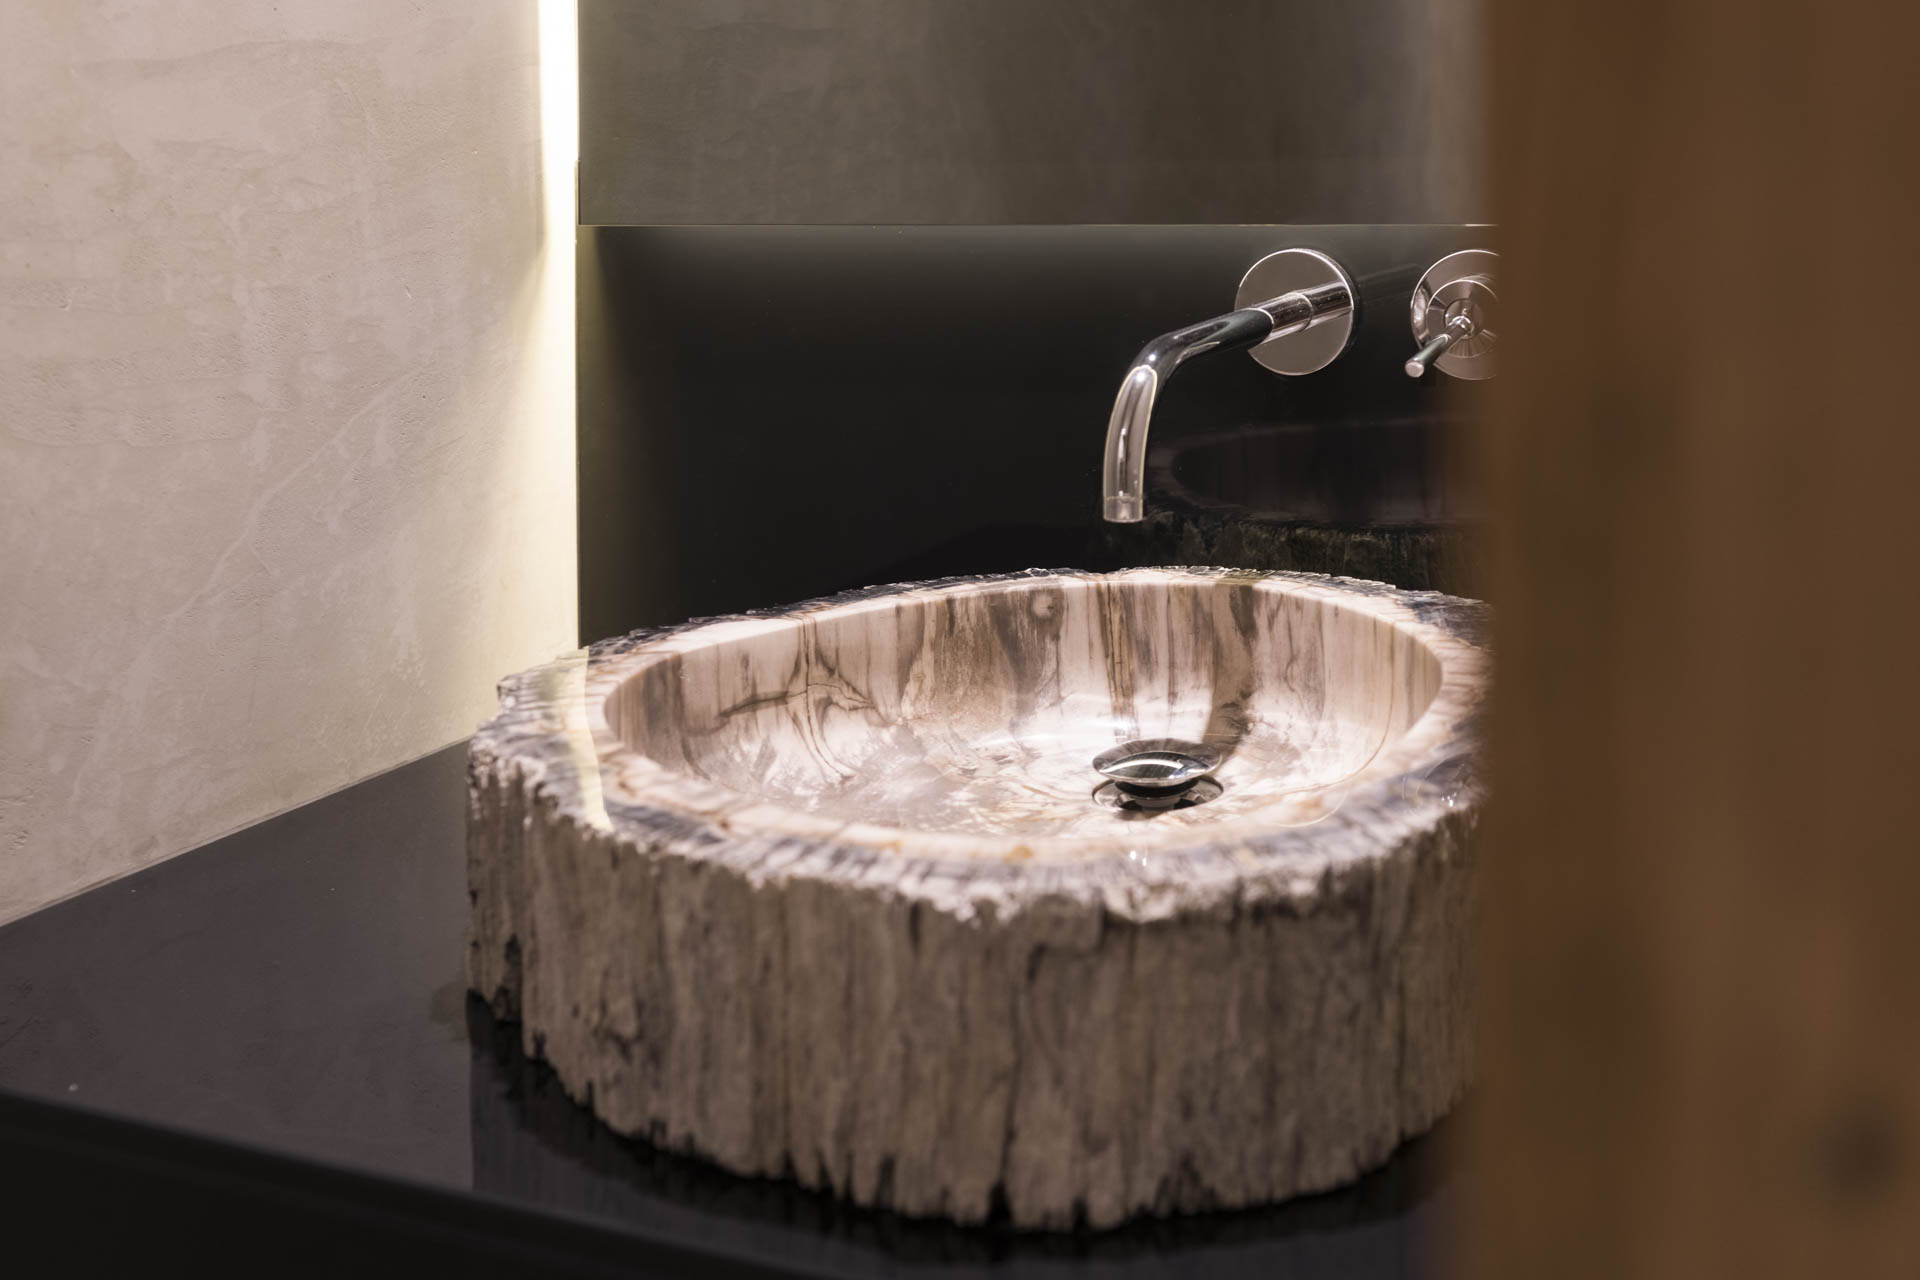 Tischlerei-Decker-Projekte-Wohnung-F-Badezimmer-Waschtisch